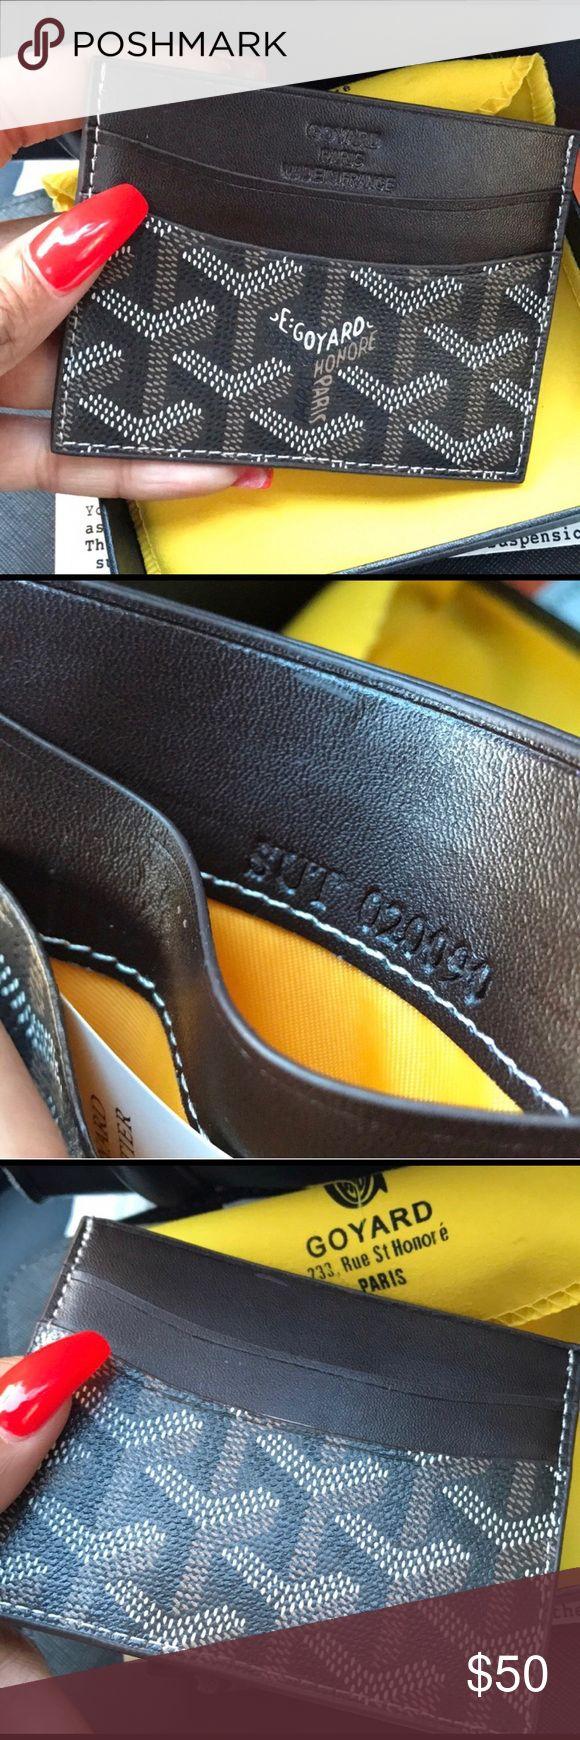 GoYard Card Holder Brown leather GoYard Card holder Goyard Accessories Key & Card Holders